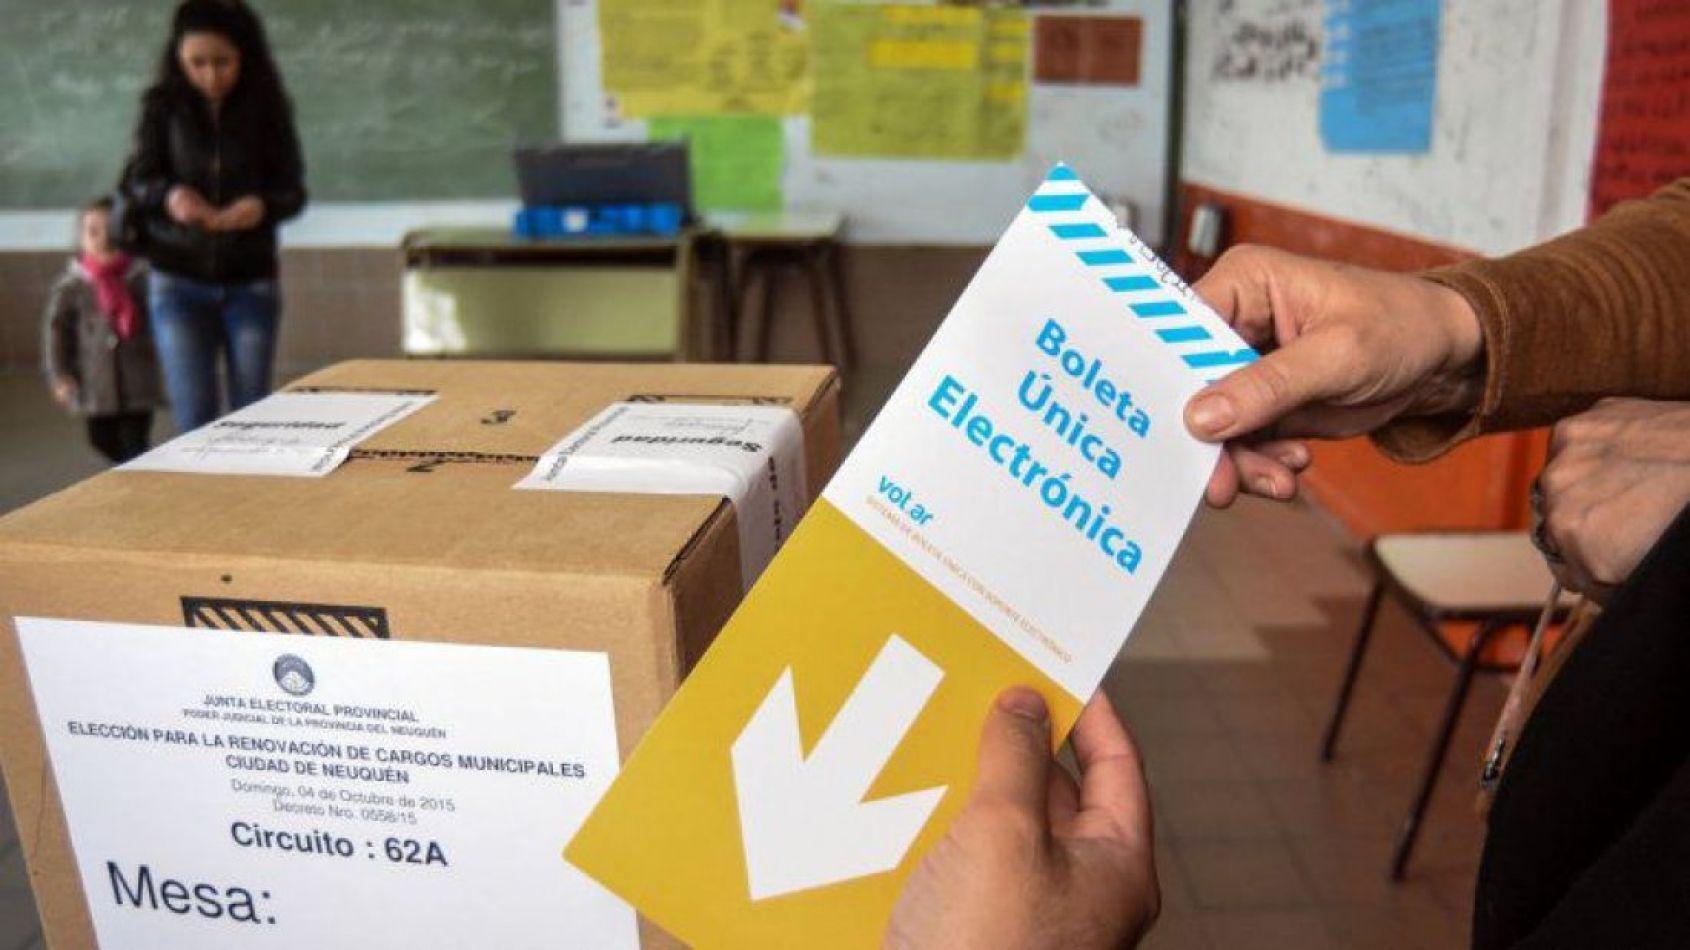 Siete alianzas se presentaron para participar de las elecciones provinciales